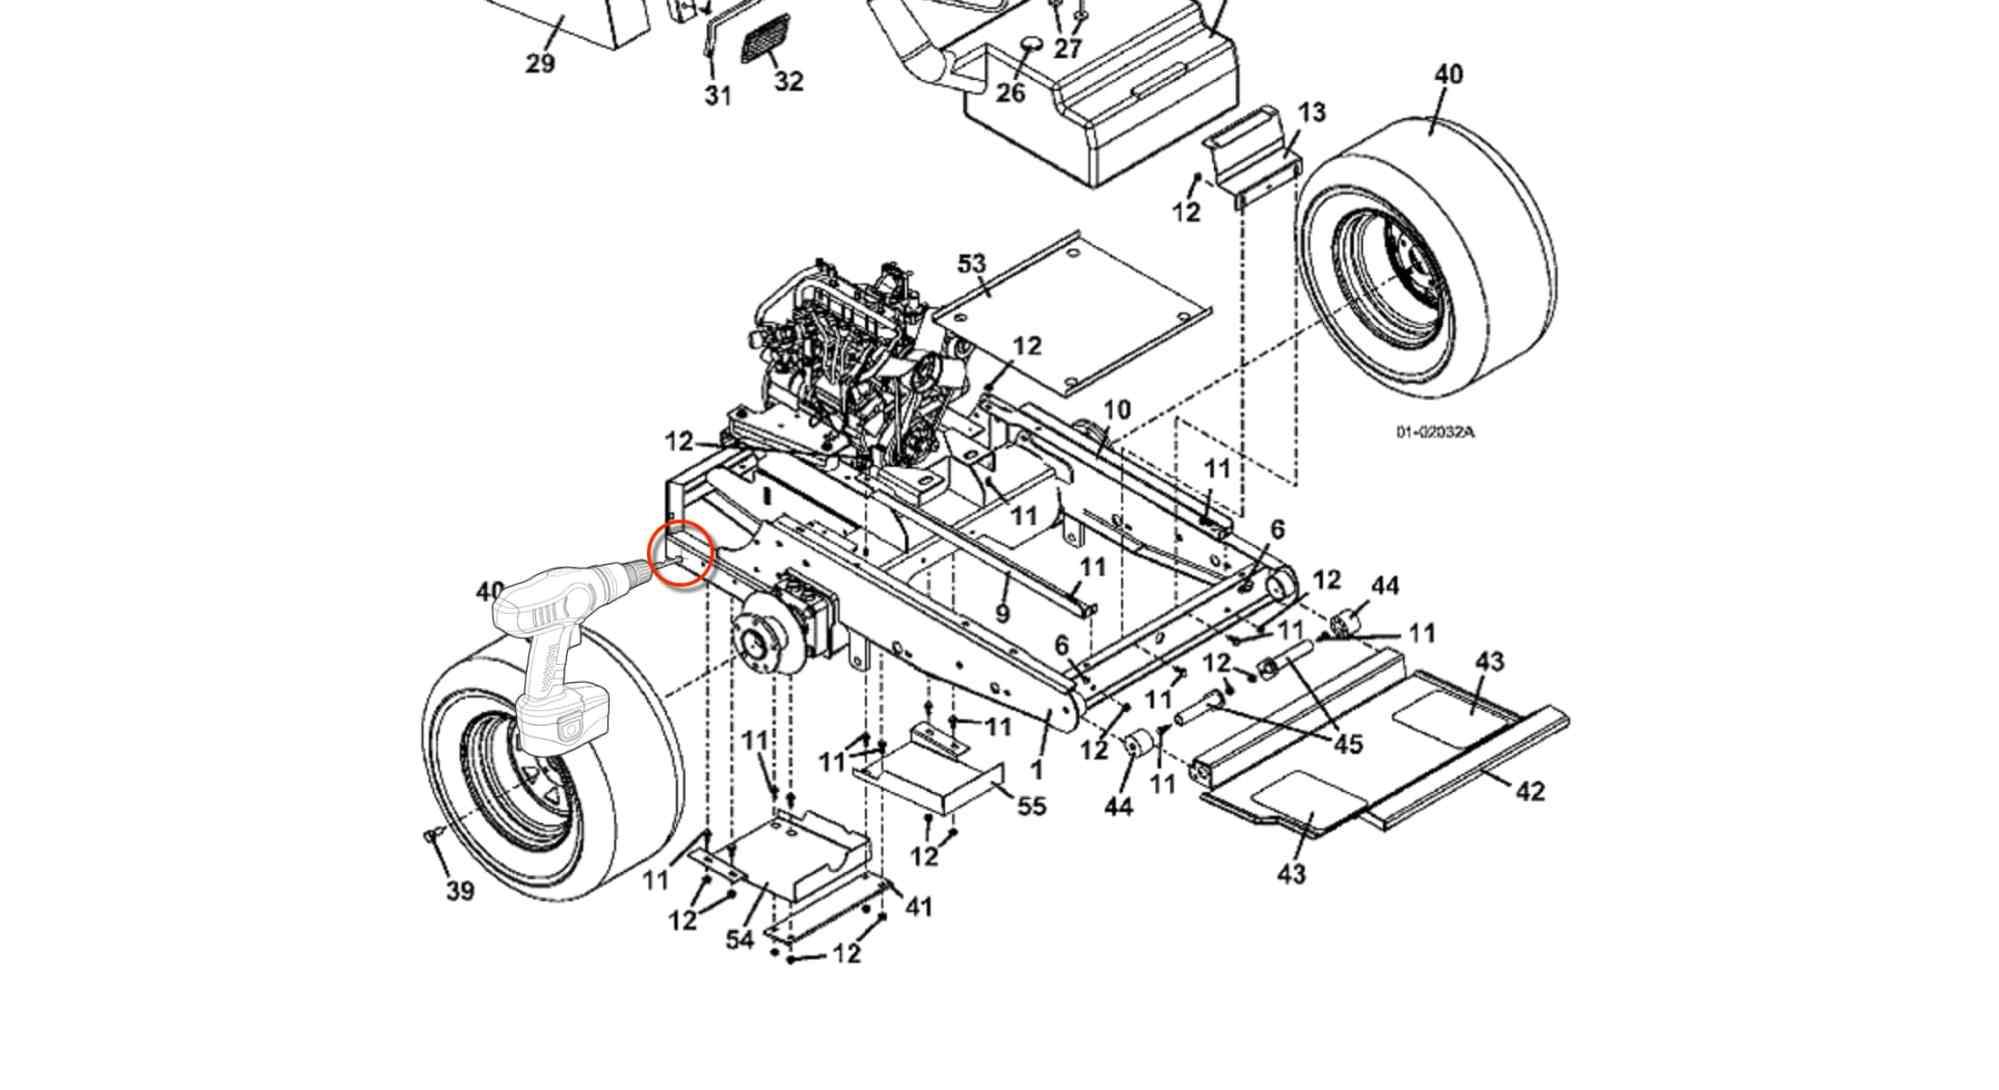 hight resolution of installation schematic